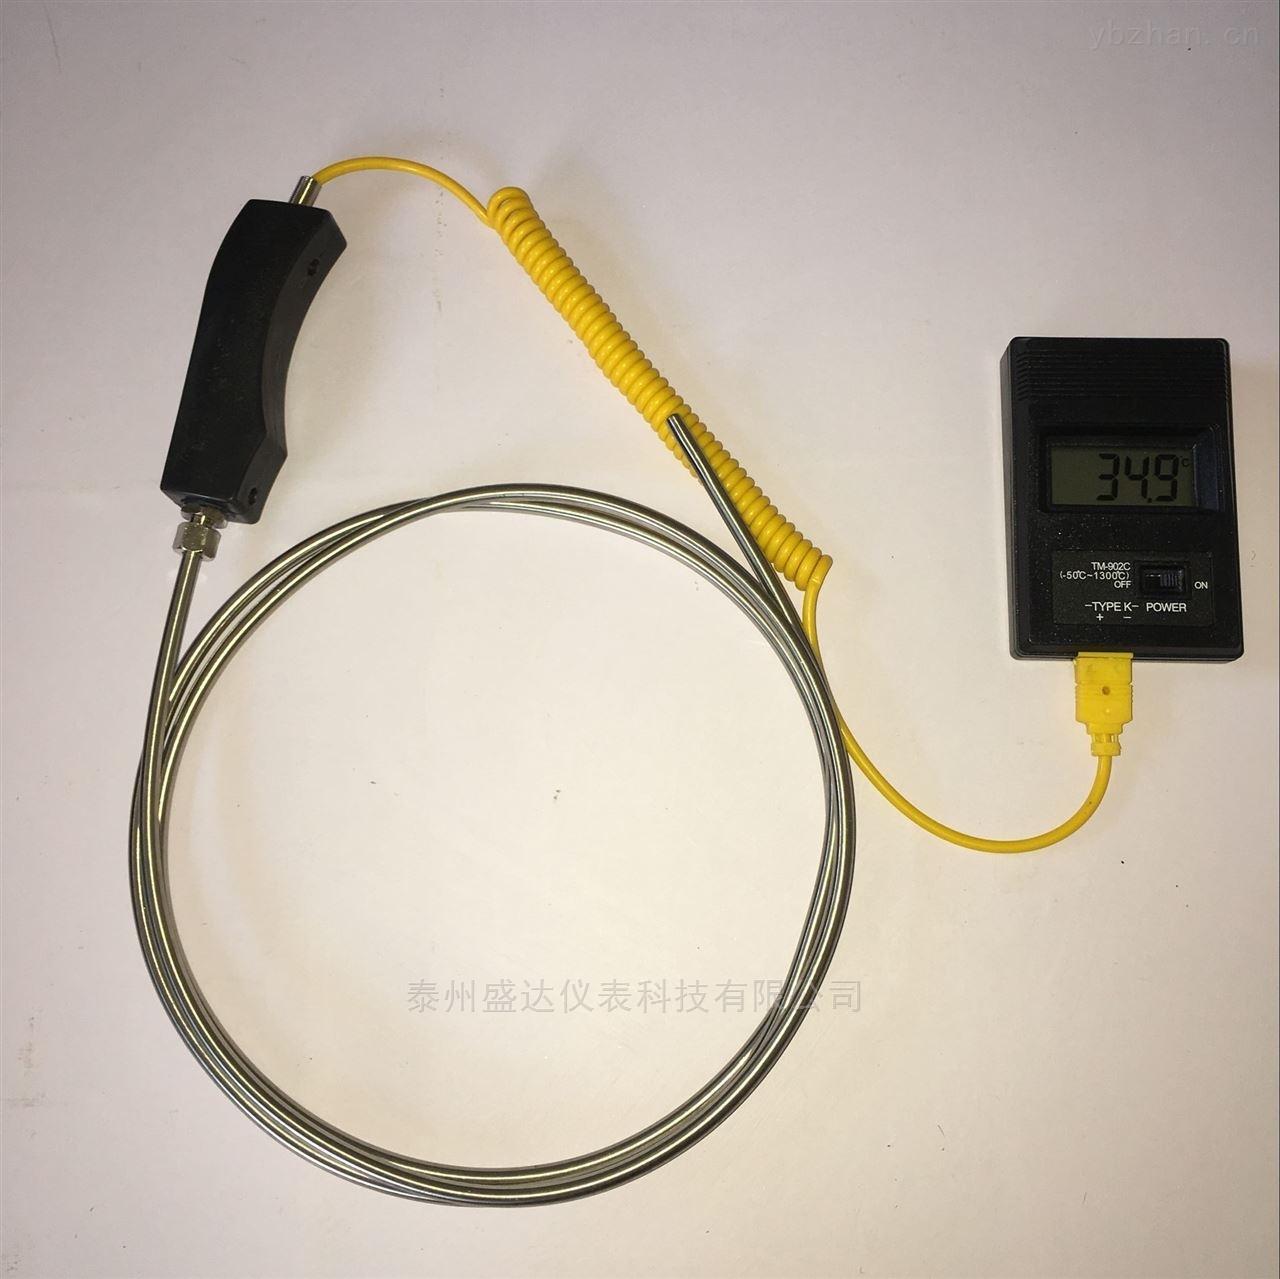 铝厂专用K型温度传感器防腐蚀大手柄铠装热电偶WRNK-104